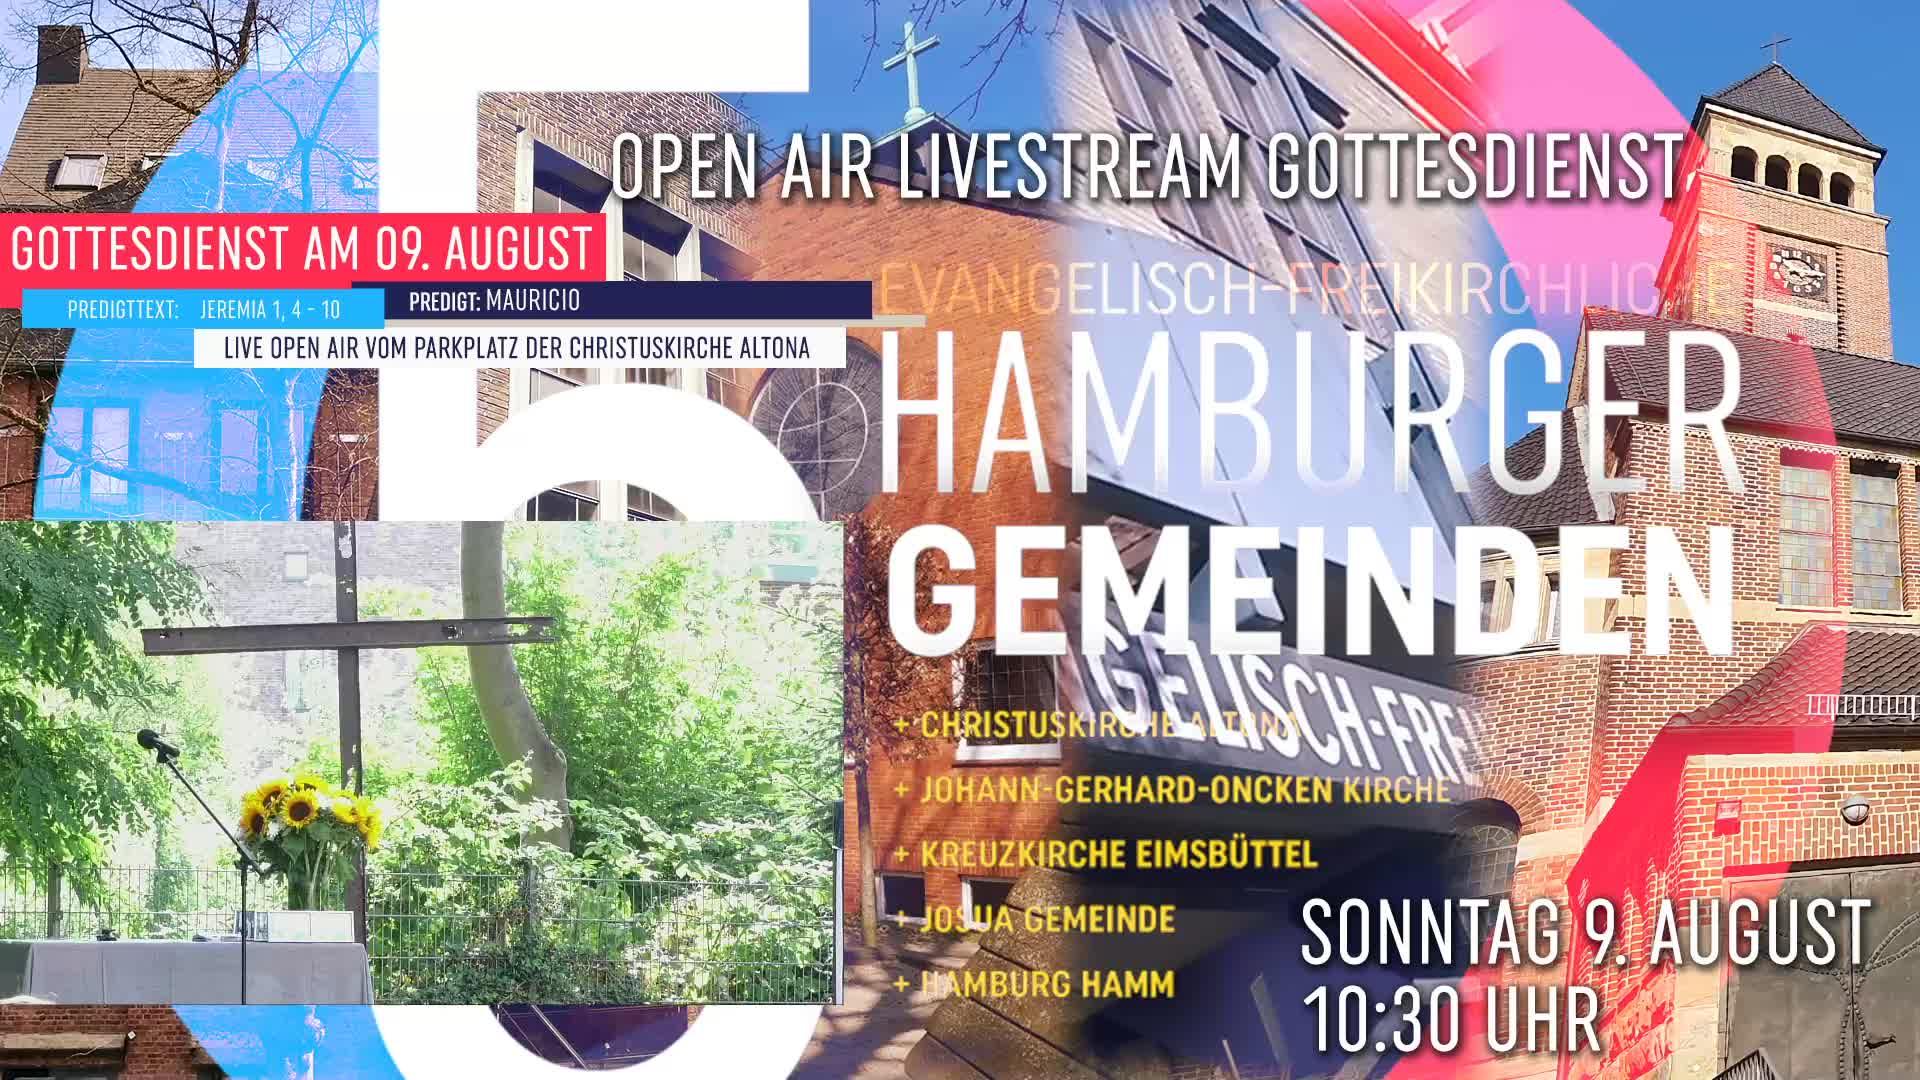 OpenAir Gottesdienst vom 9. August 2020 (Aufzeichnung) - 5 Hamburger Baptisten Gemeinden